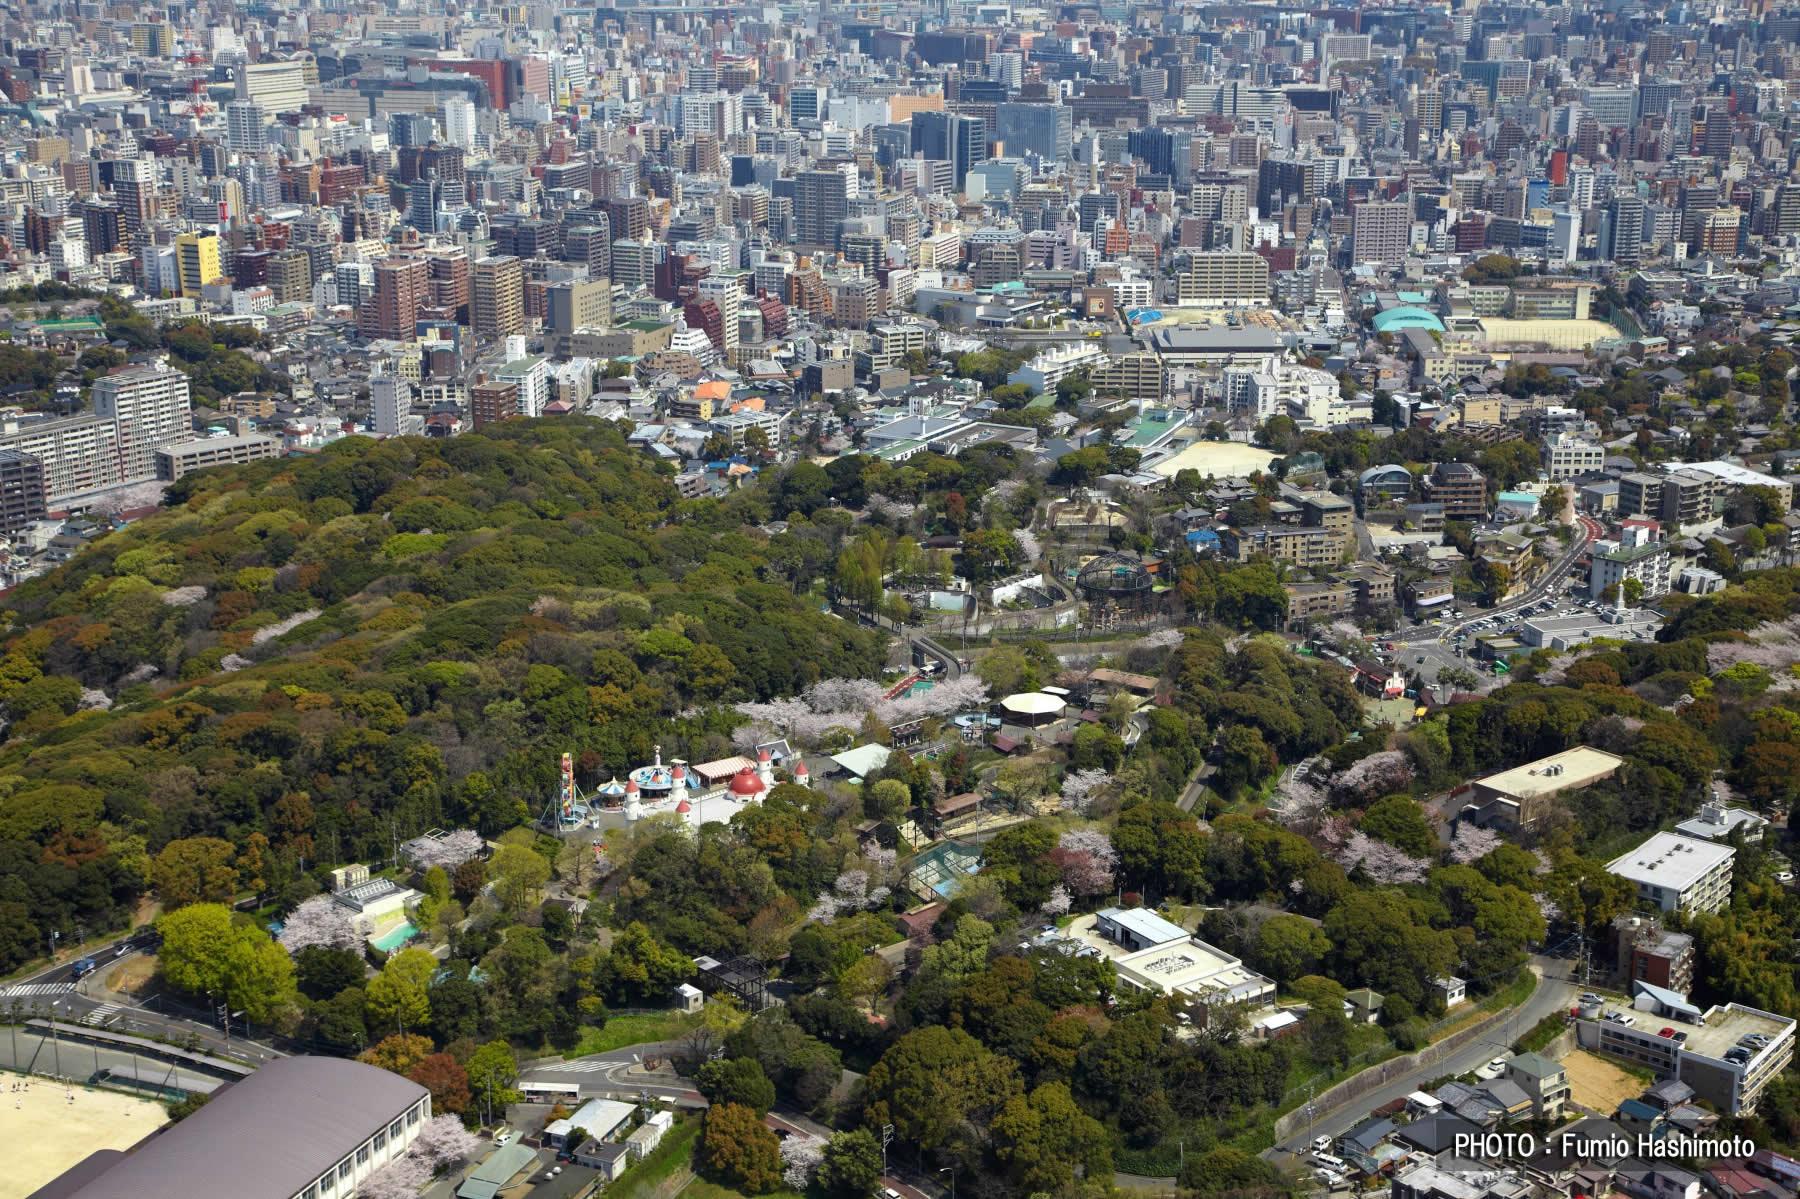 후쿠오카시 동‧식물원(2009)의 이미지